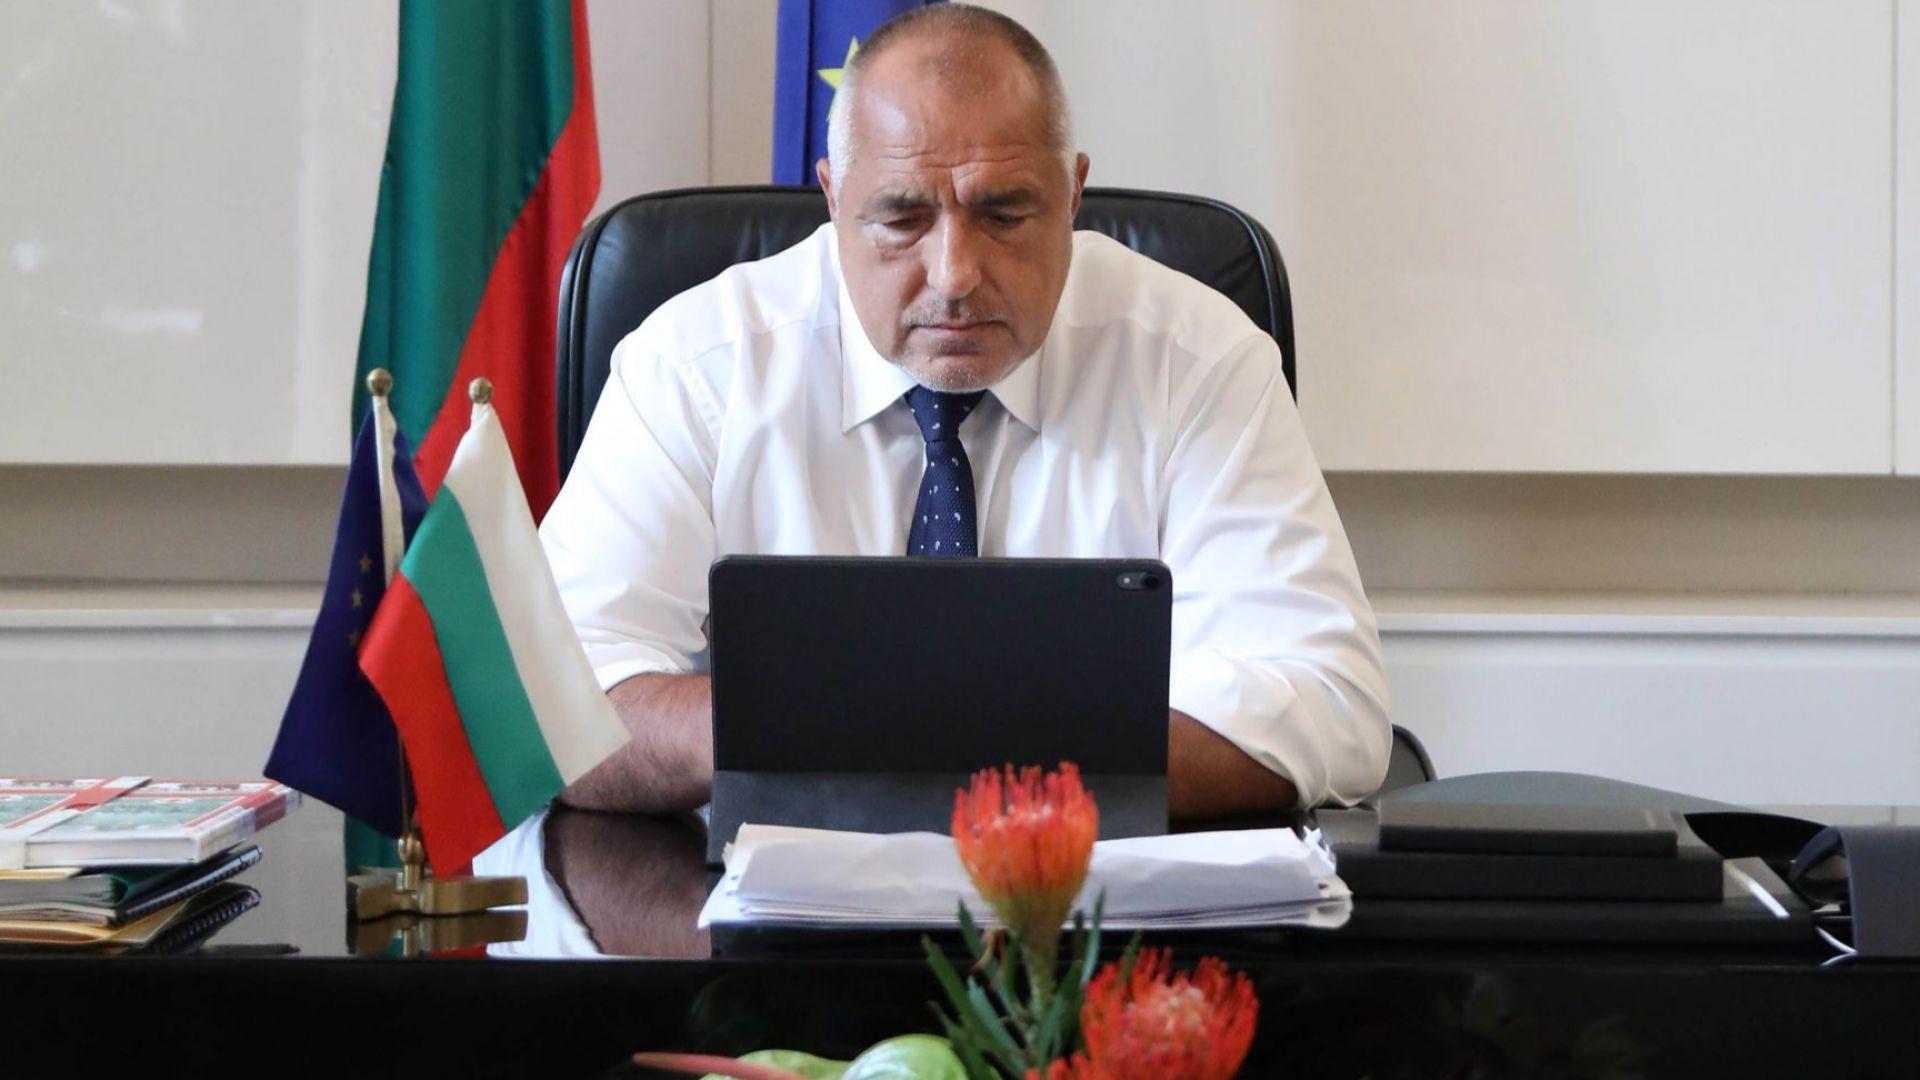 Бойко Борисов разпореди: Тестовете за COVID-19 да се поемат от Здравната каса